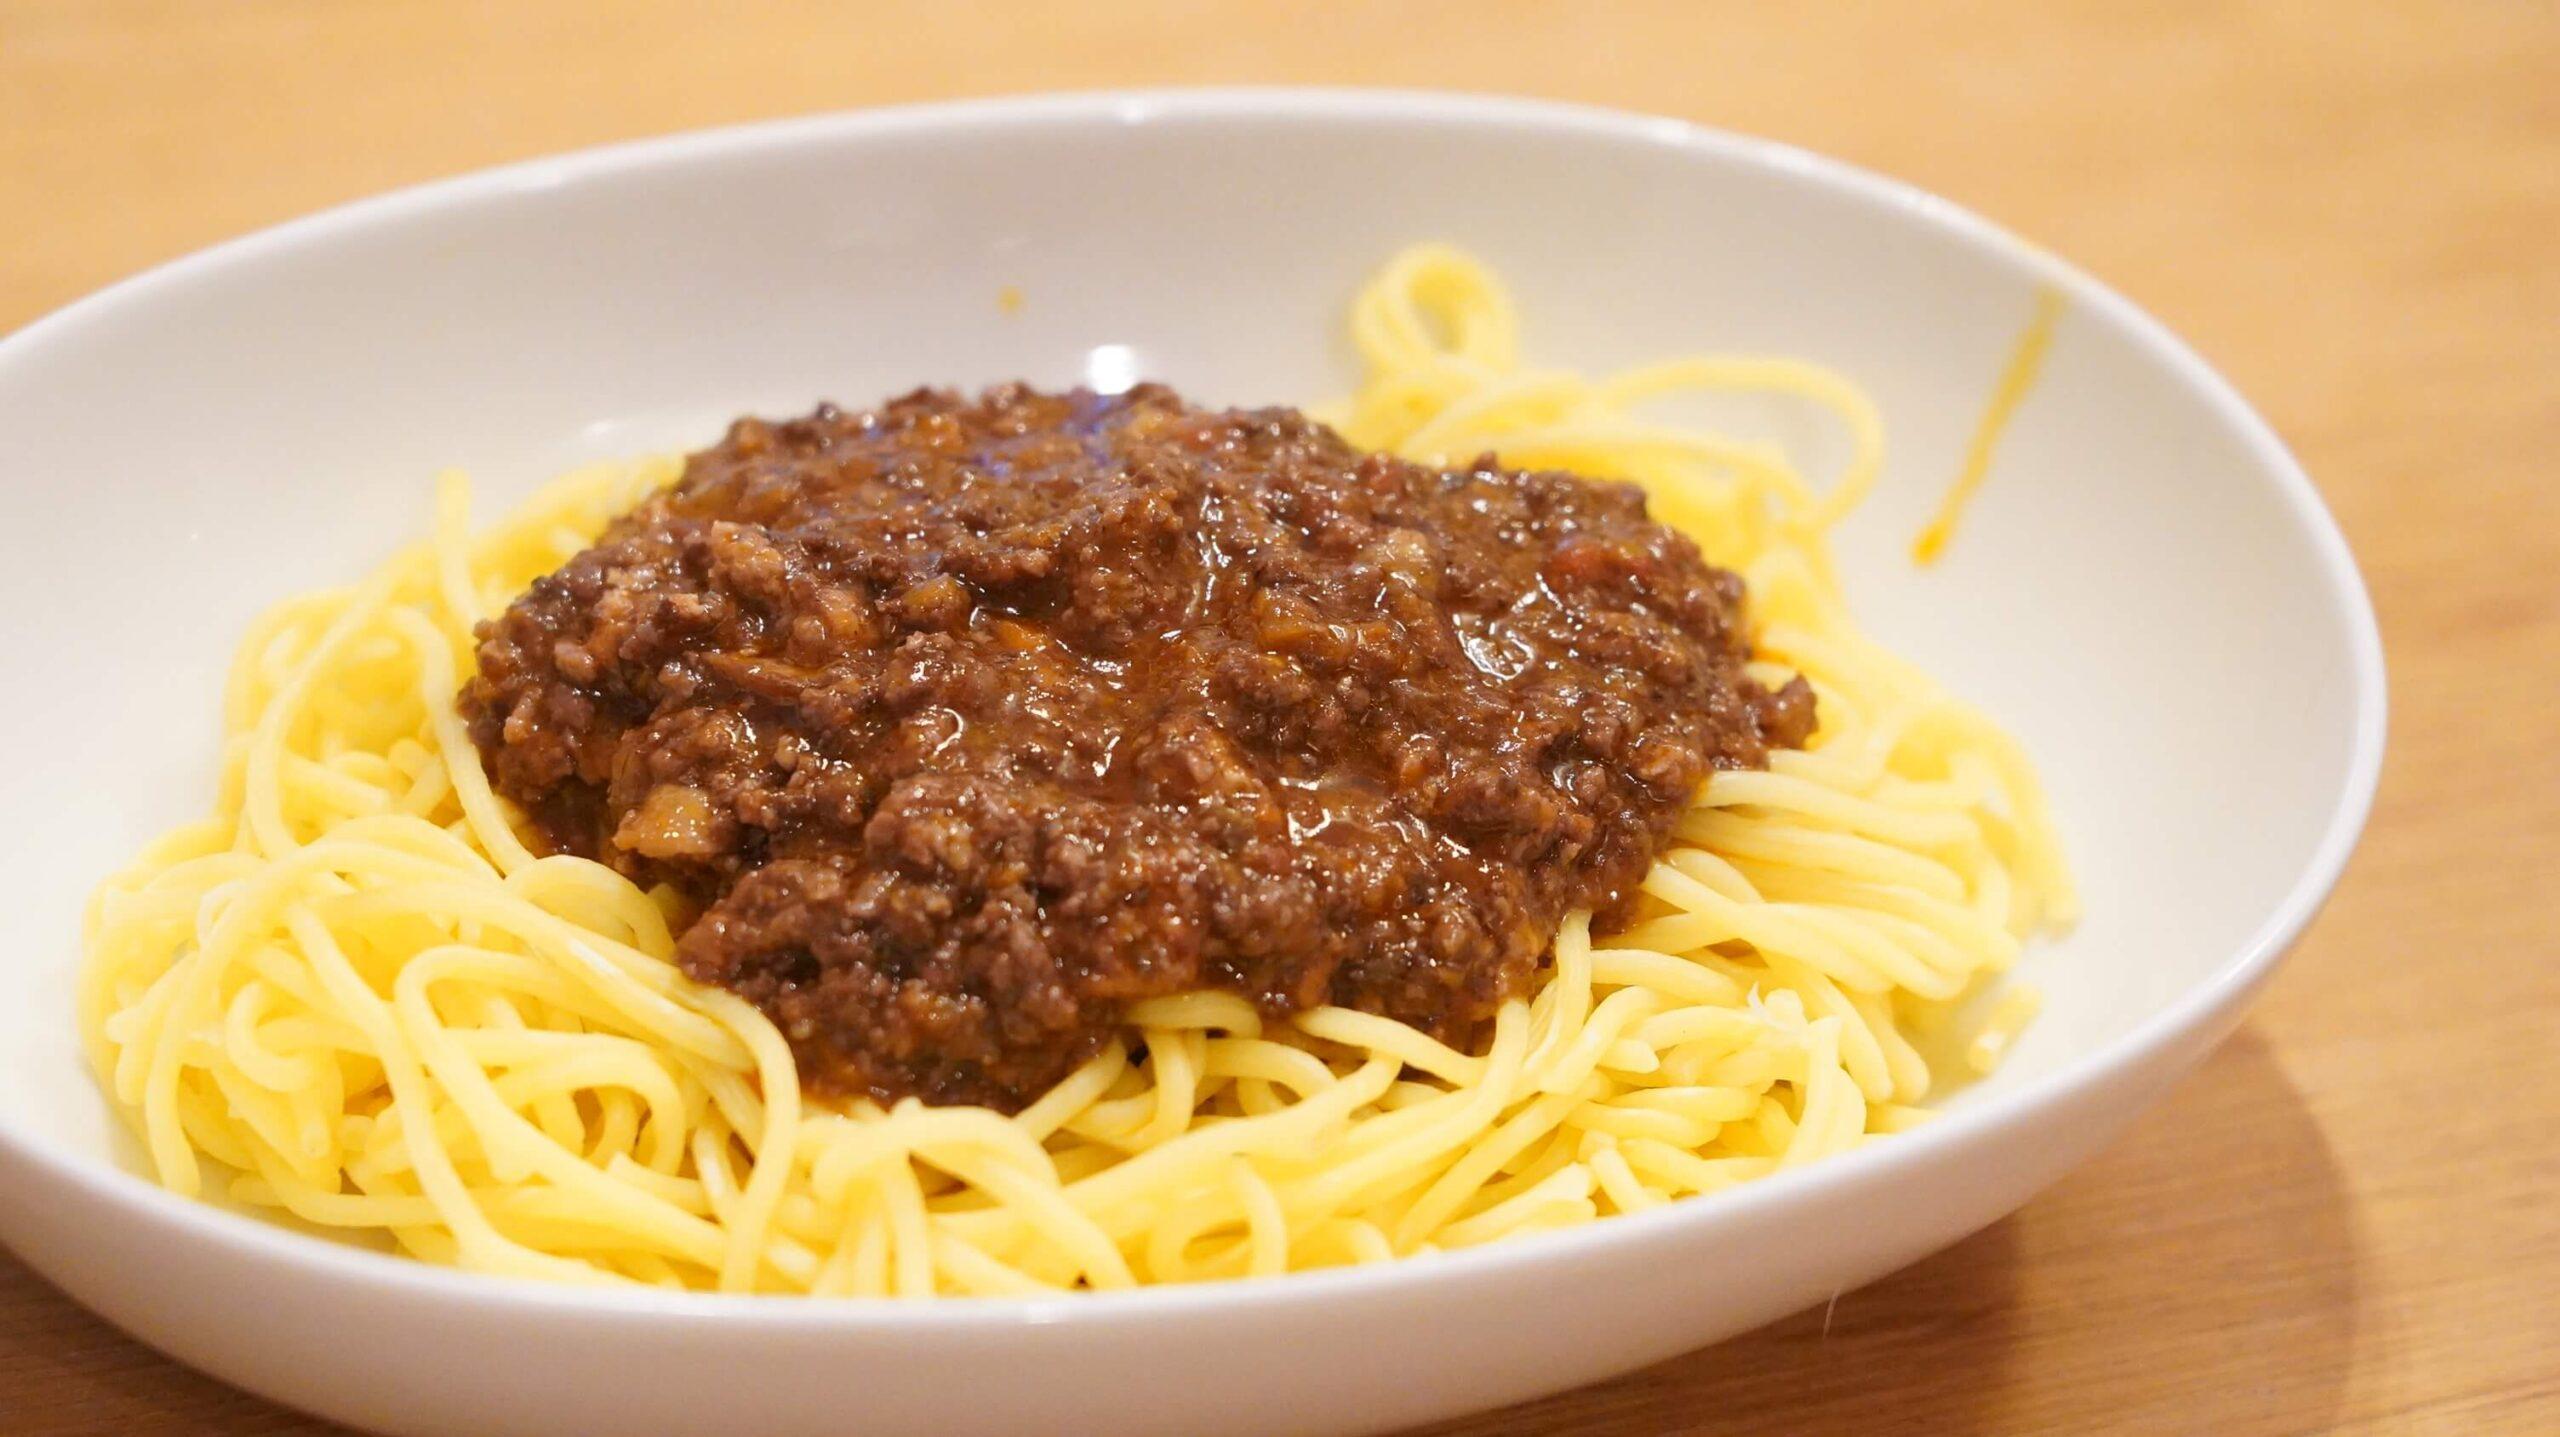 俺のイタリアンの冷凍食品「トリュフ薫るボロネーゼ」のソースの拡大写真